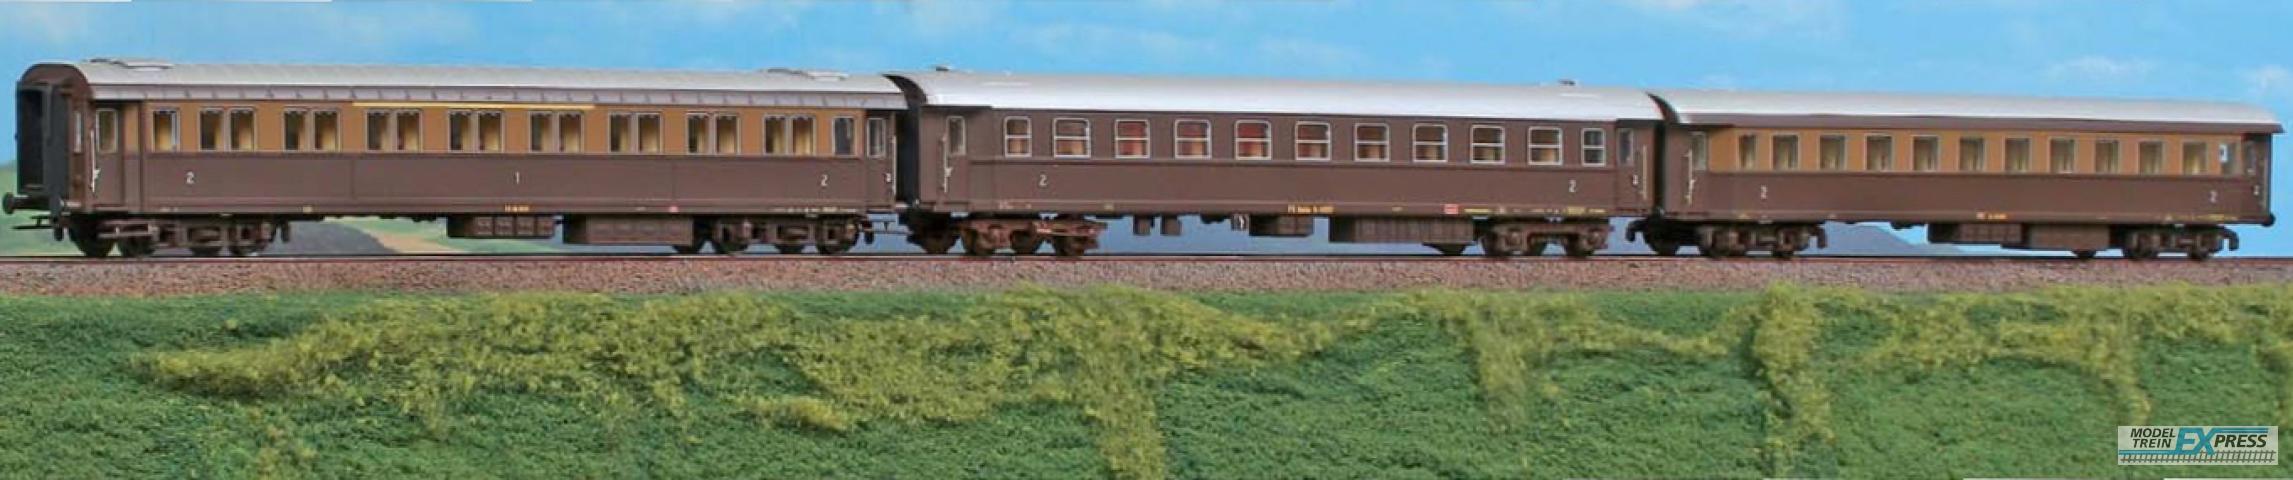 ACME 55204